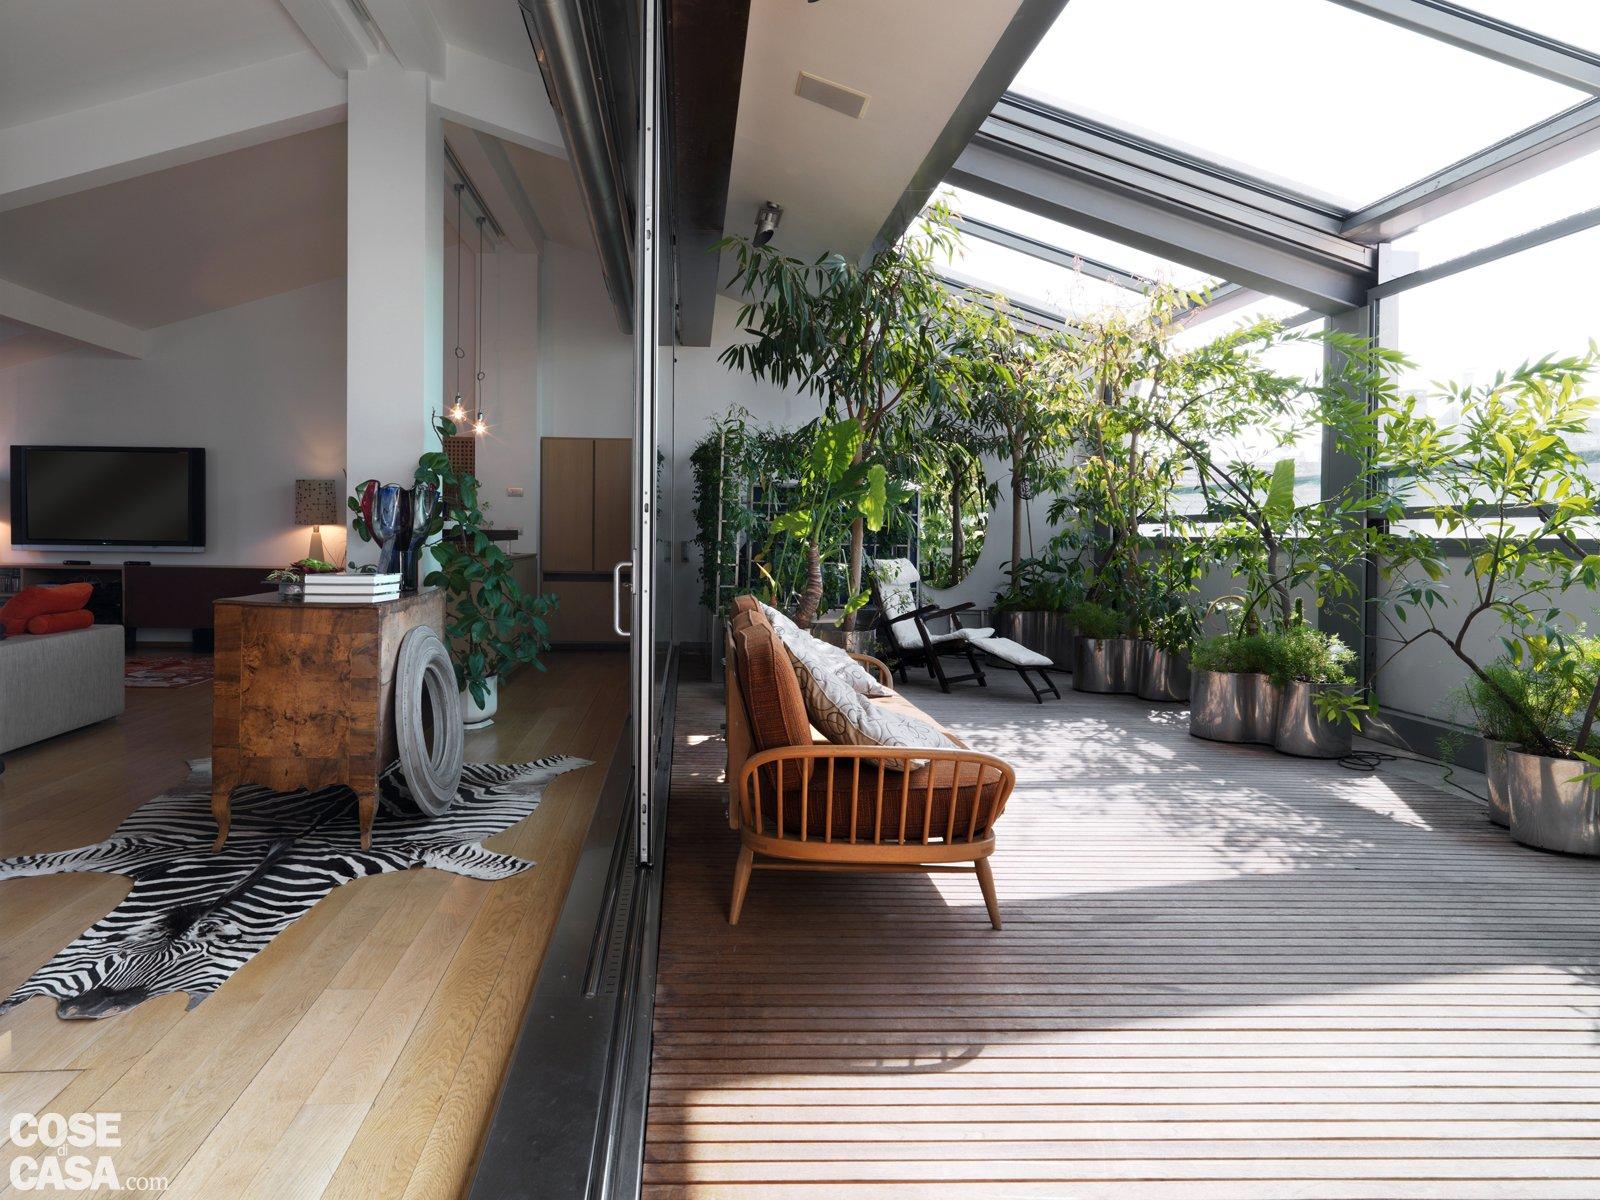 Un sottotetto con terrazzo aperto o chiuso a seconda delle necessità ...